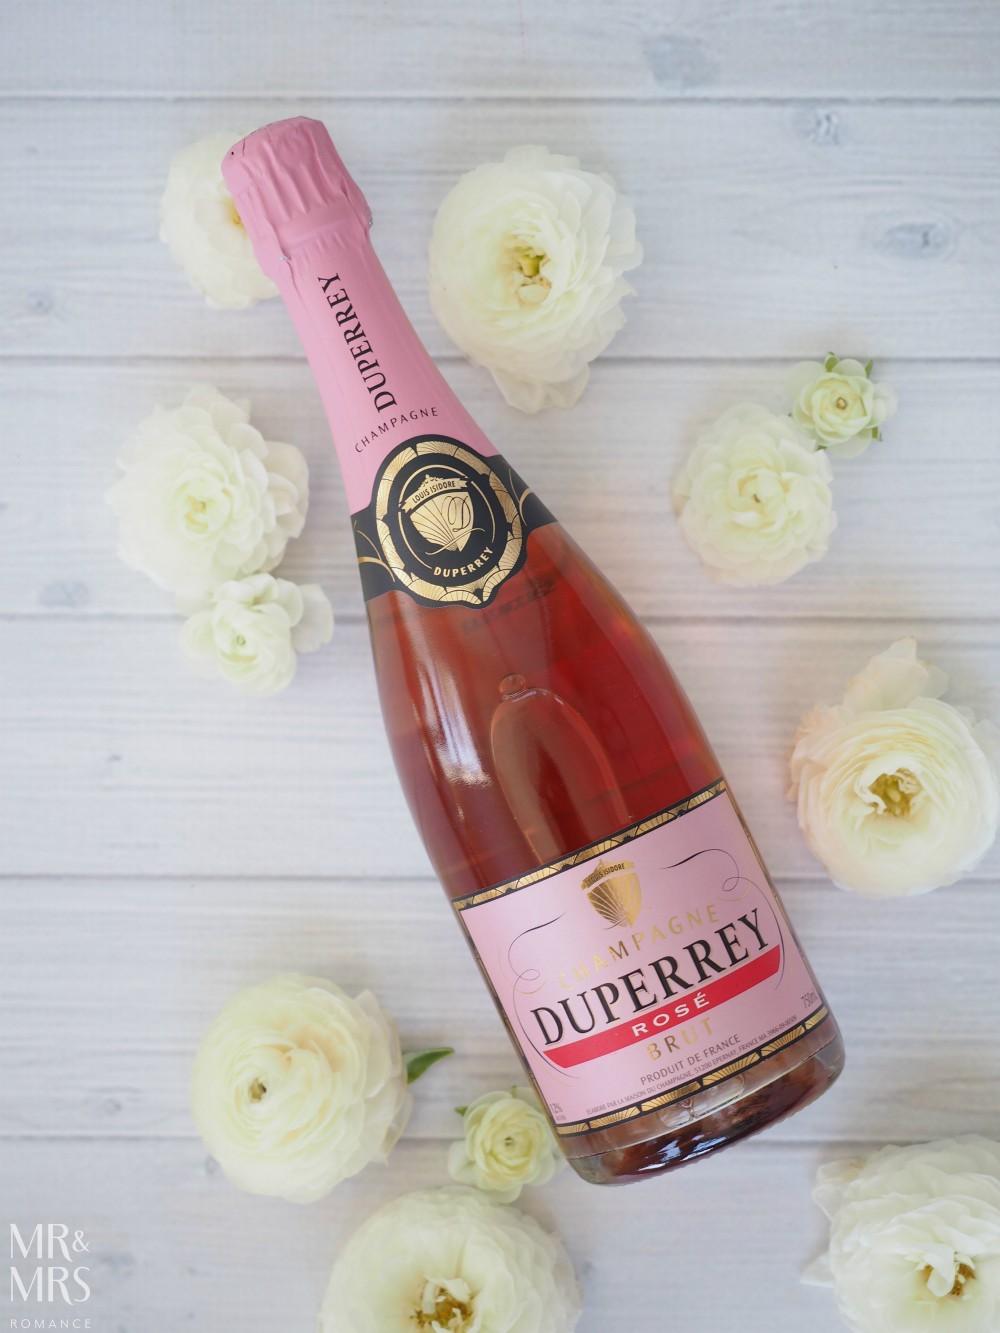 Summer rosés - Christmas wine - MMR - Duperrey Champagne